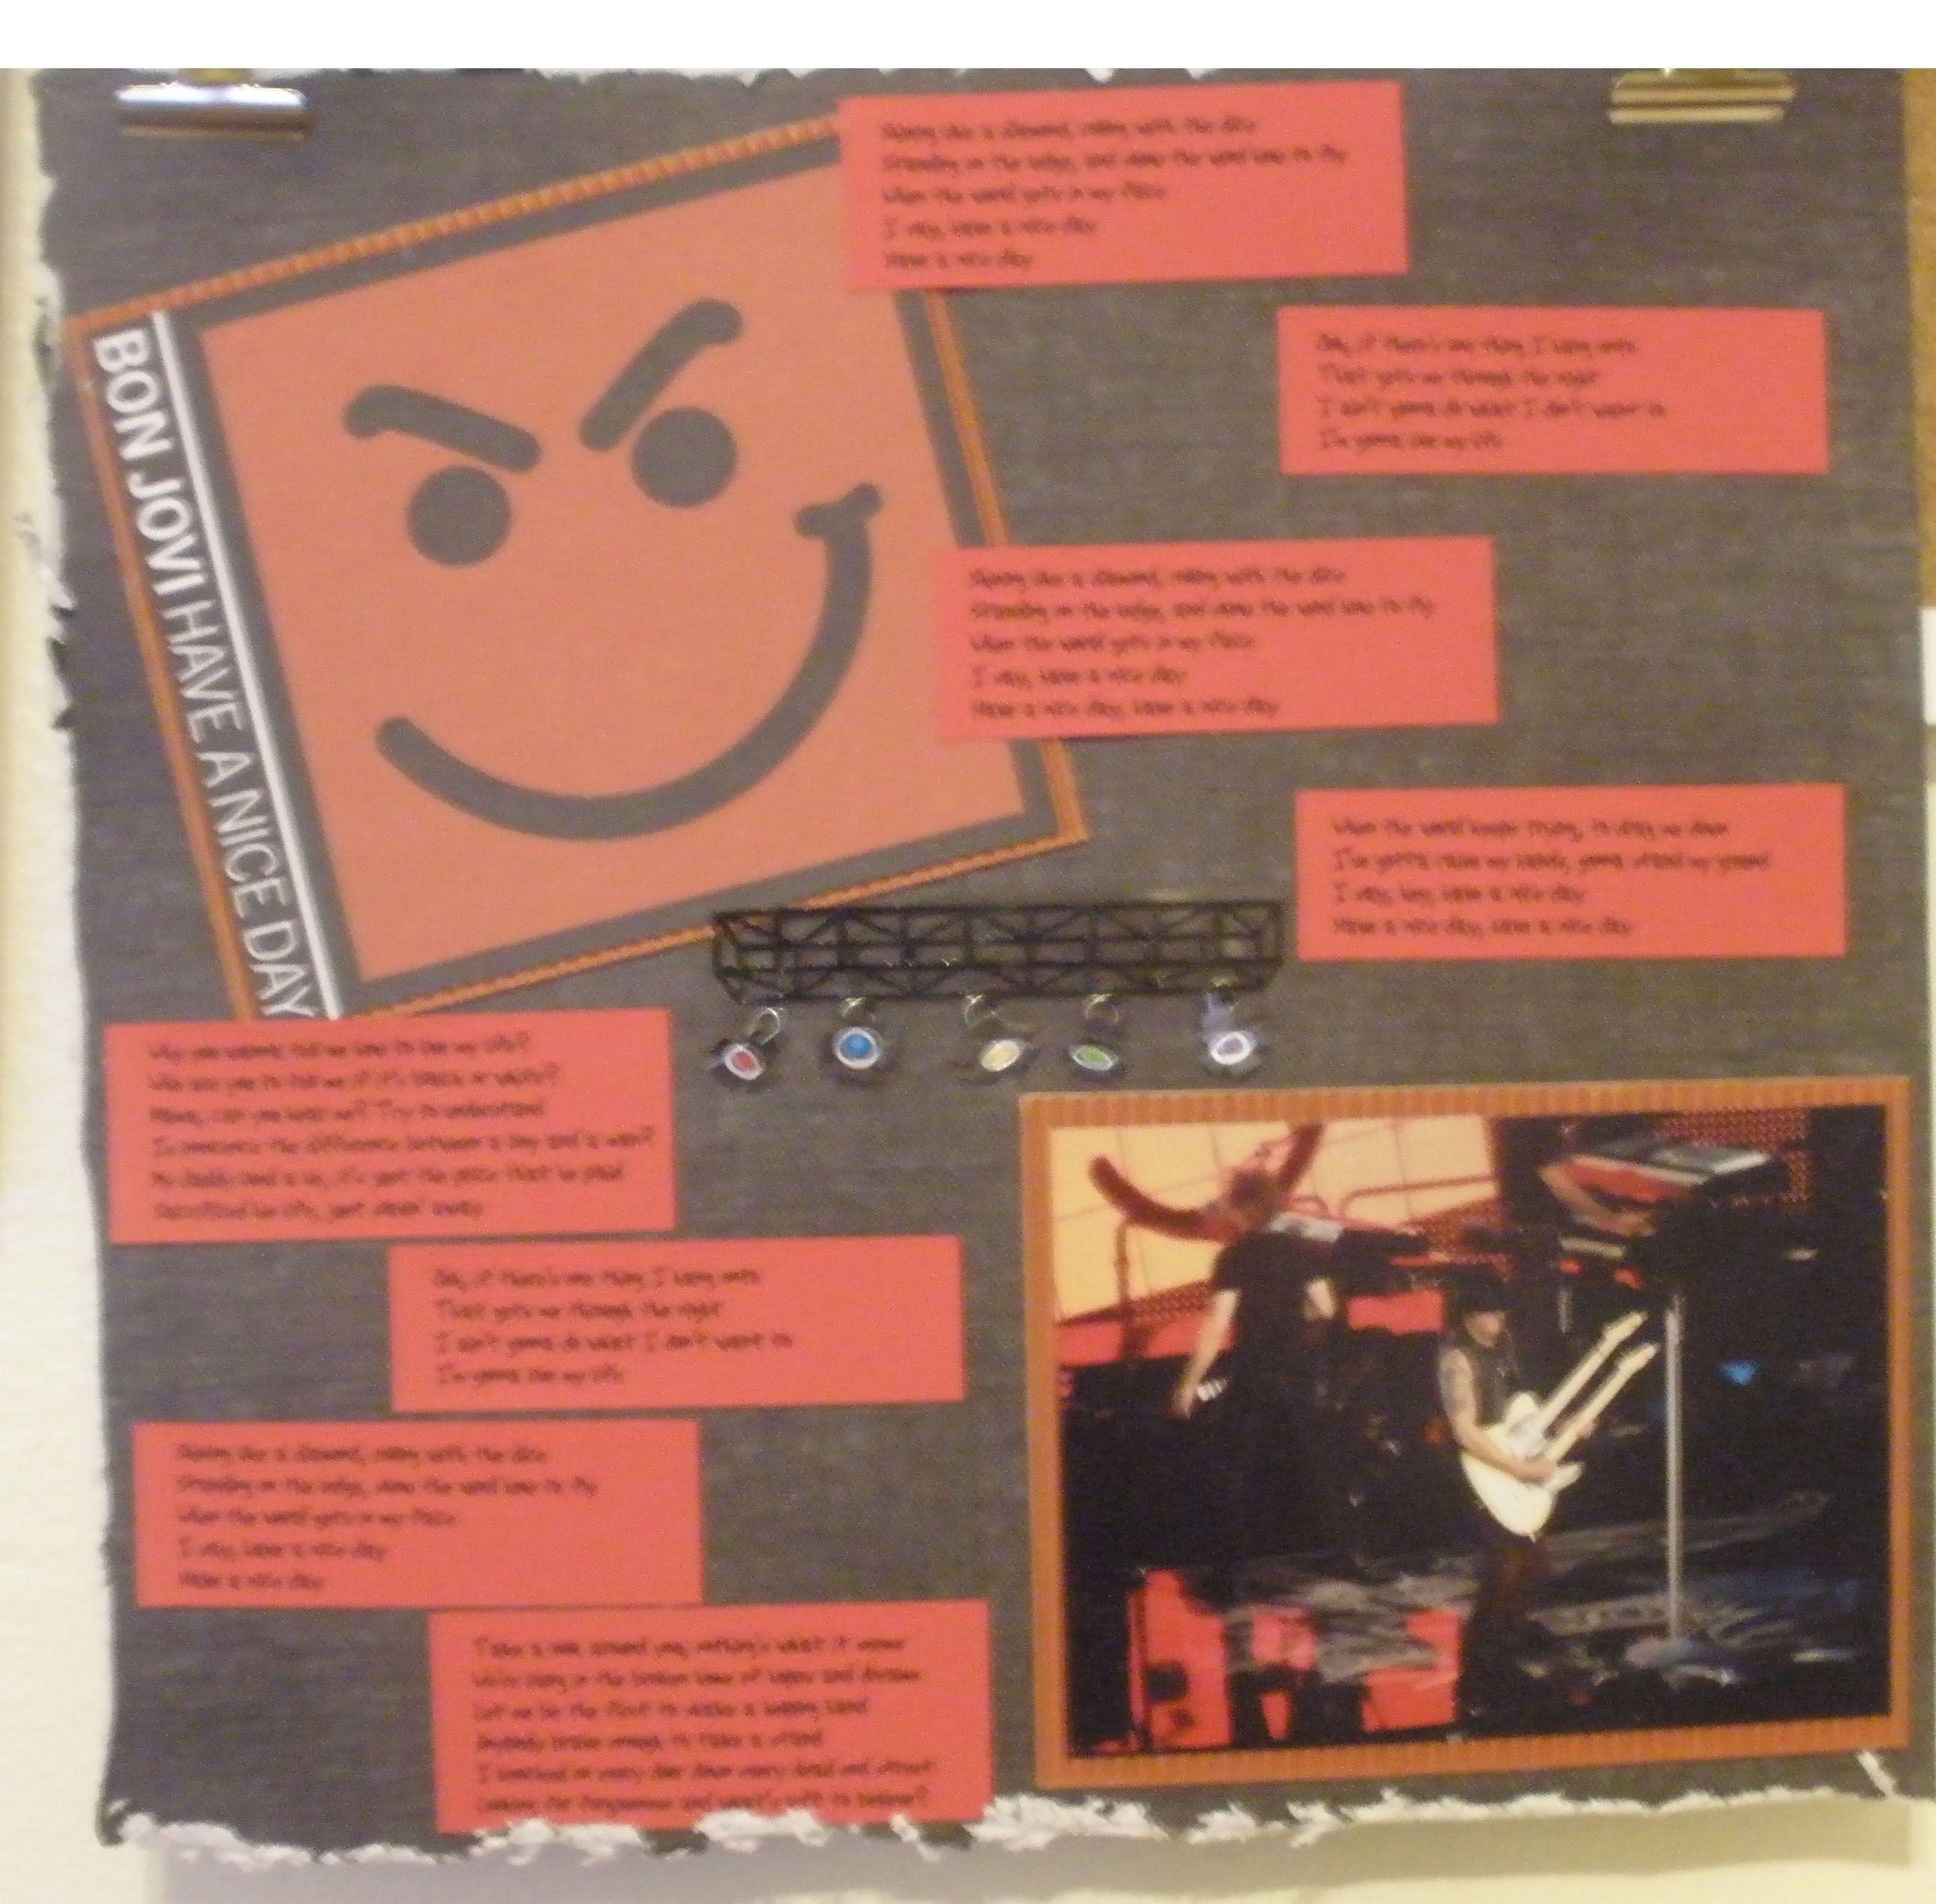 Bon Jovi Concert Album Pg23 Scrapbook Com Bon Jovi Concert